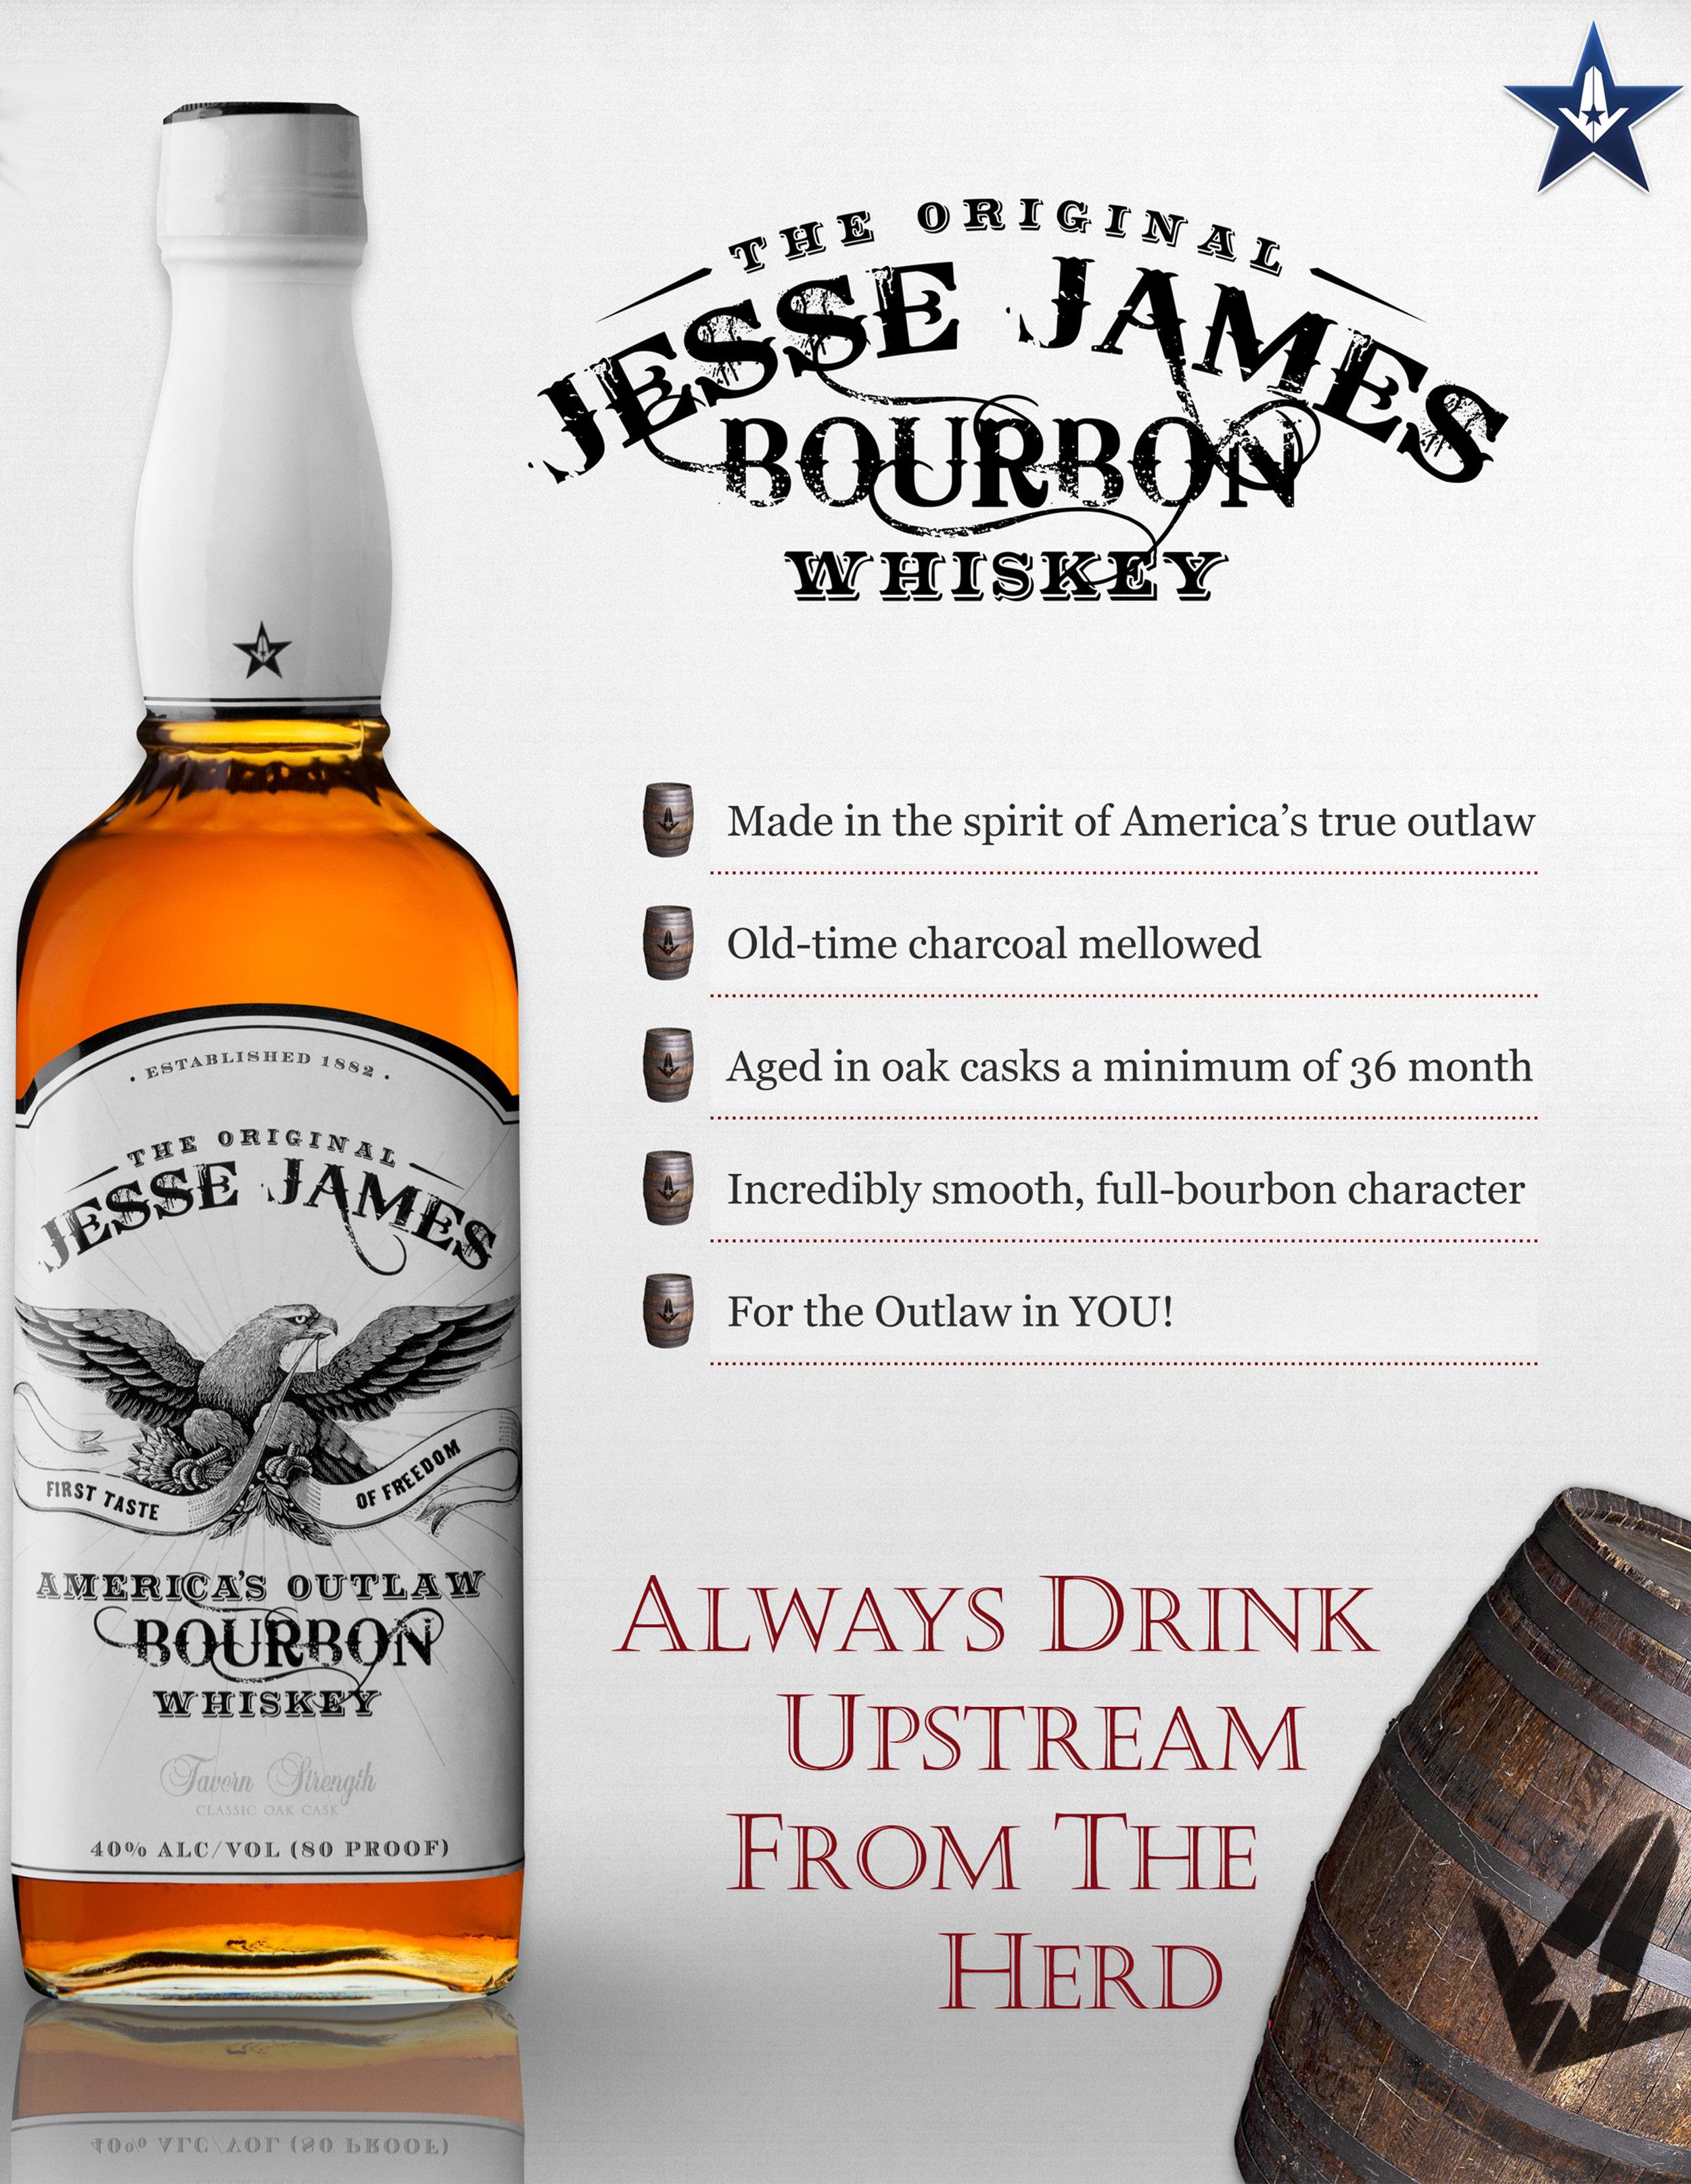 Jesse James Bourbon